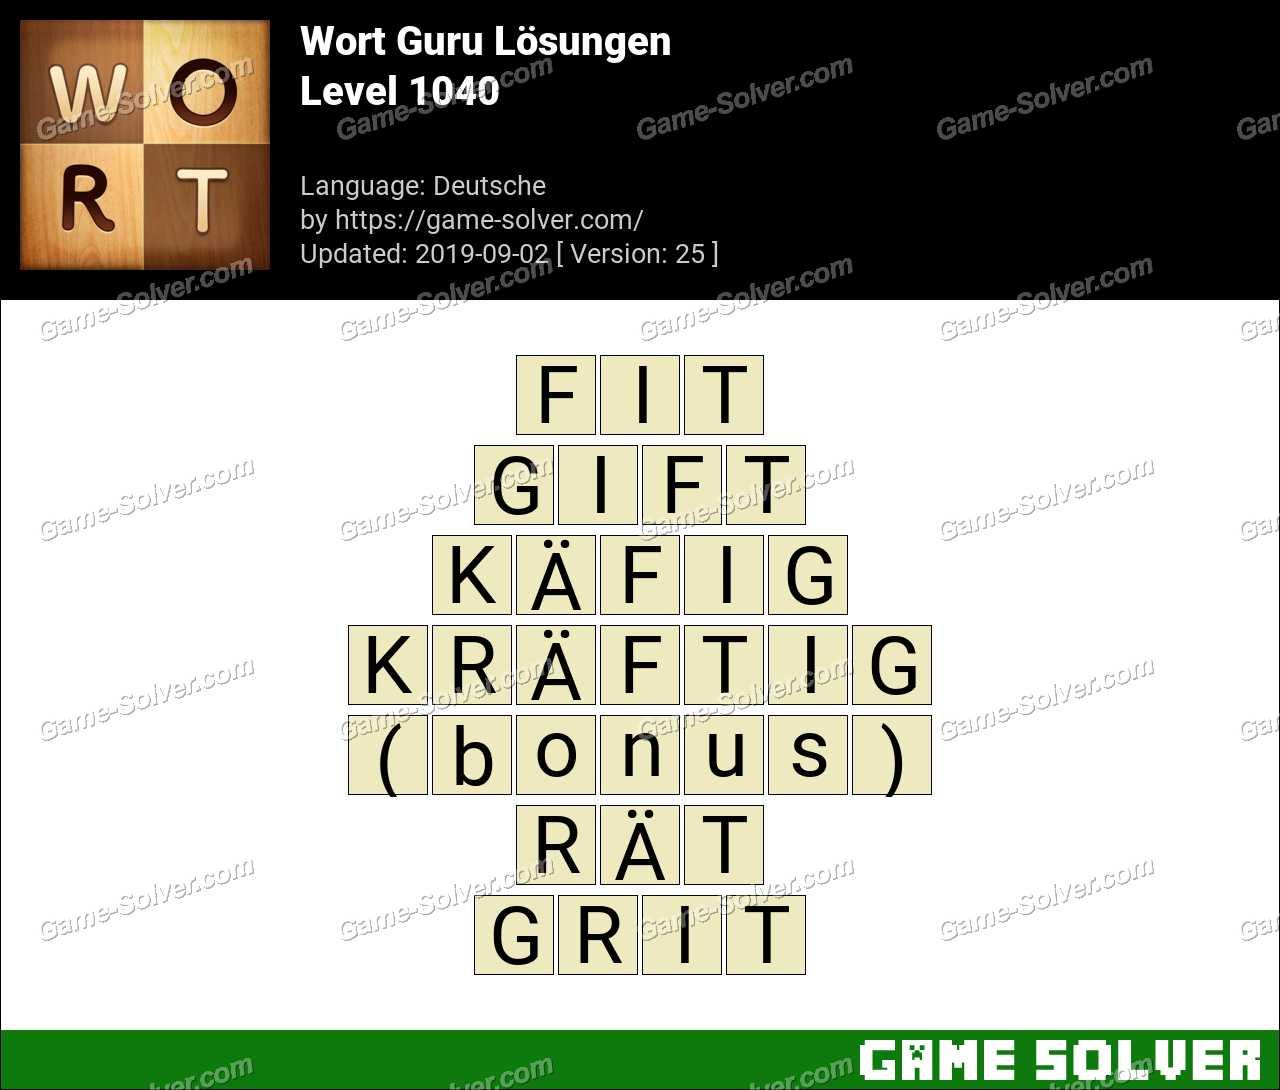 Wort Guru Level 1040 Lösungen